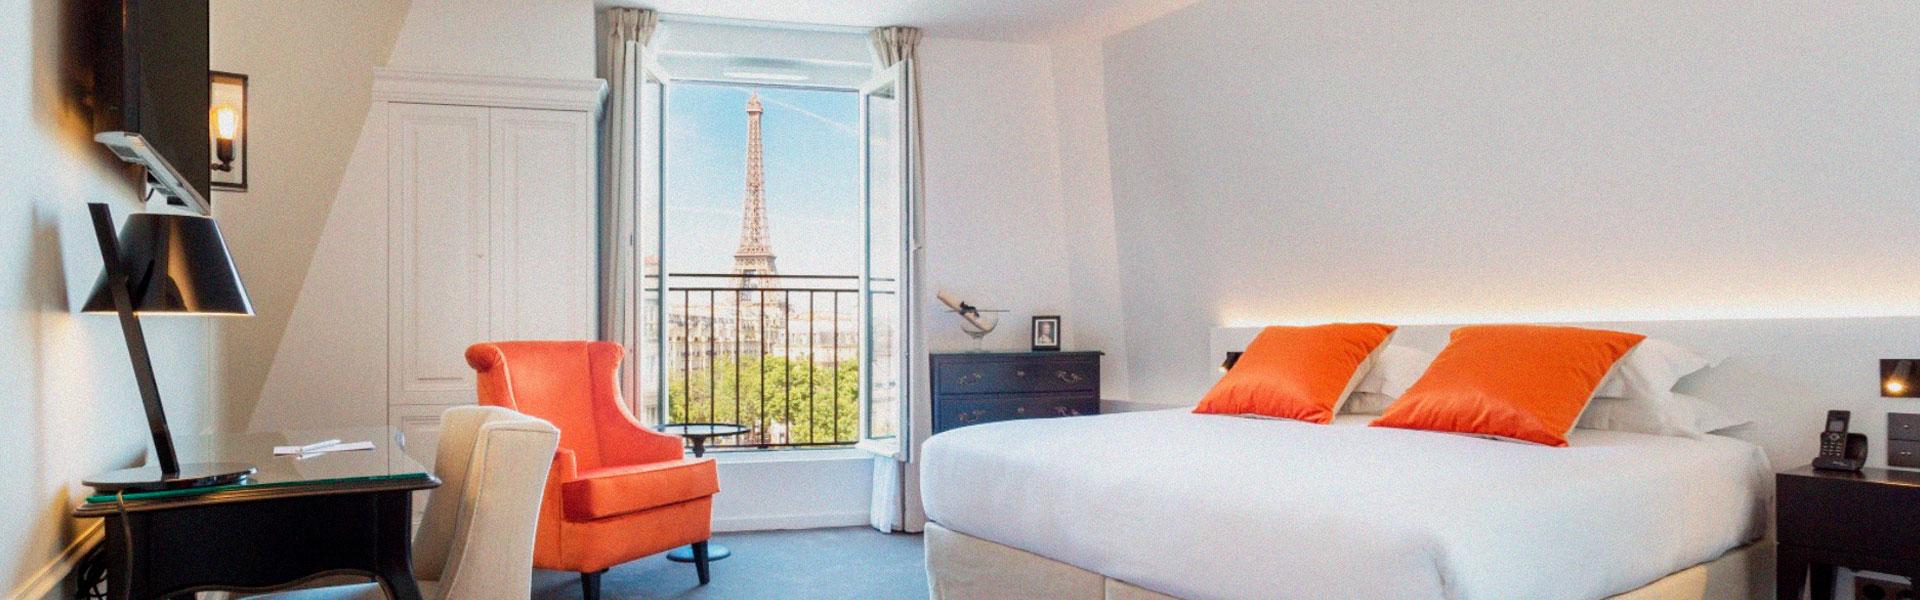 quartos-de-hoteis-com-vista-torre-eiffel